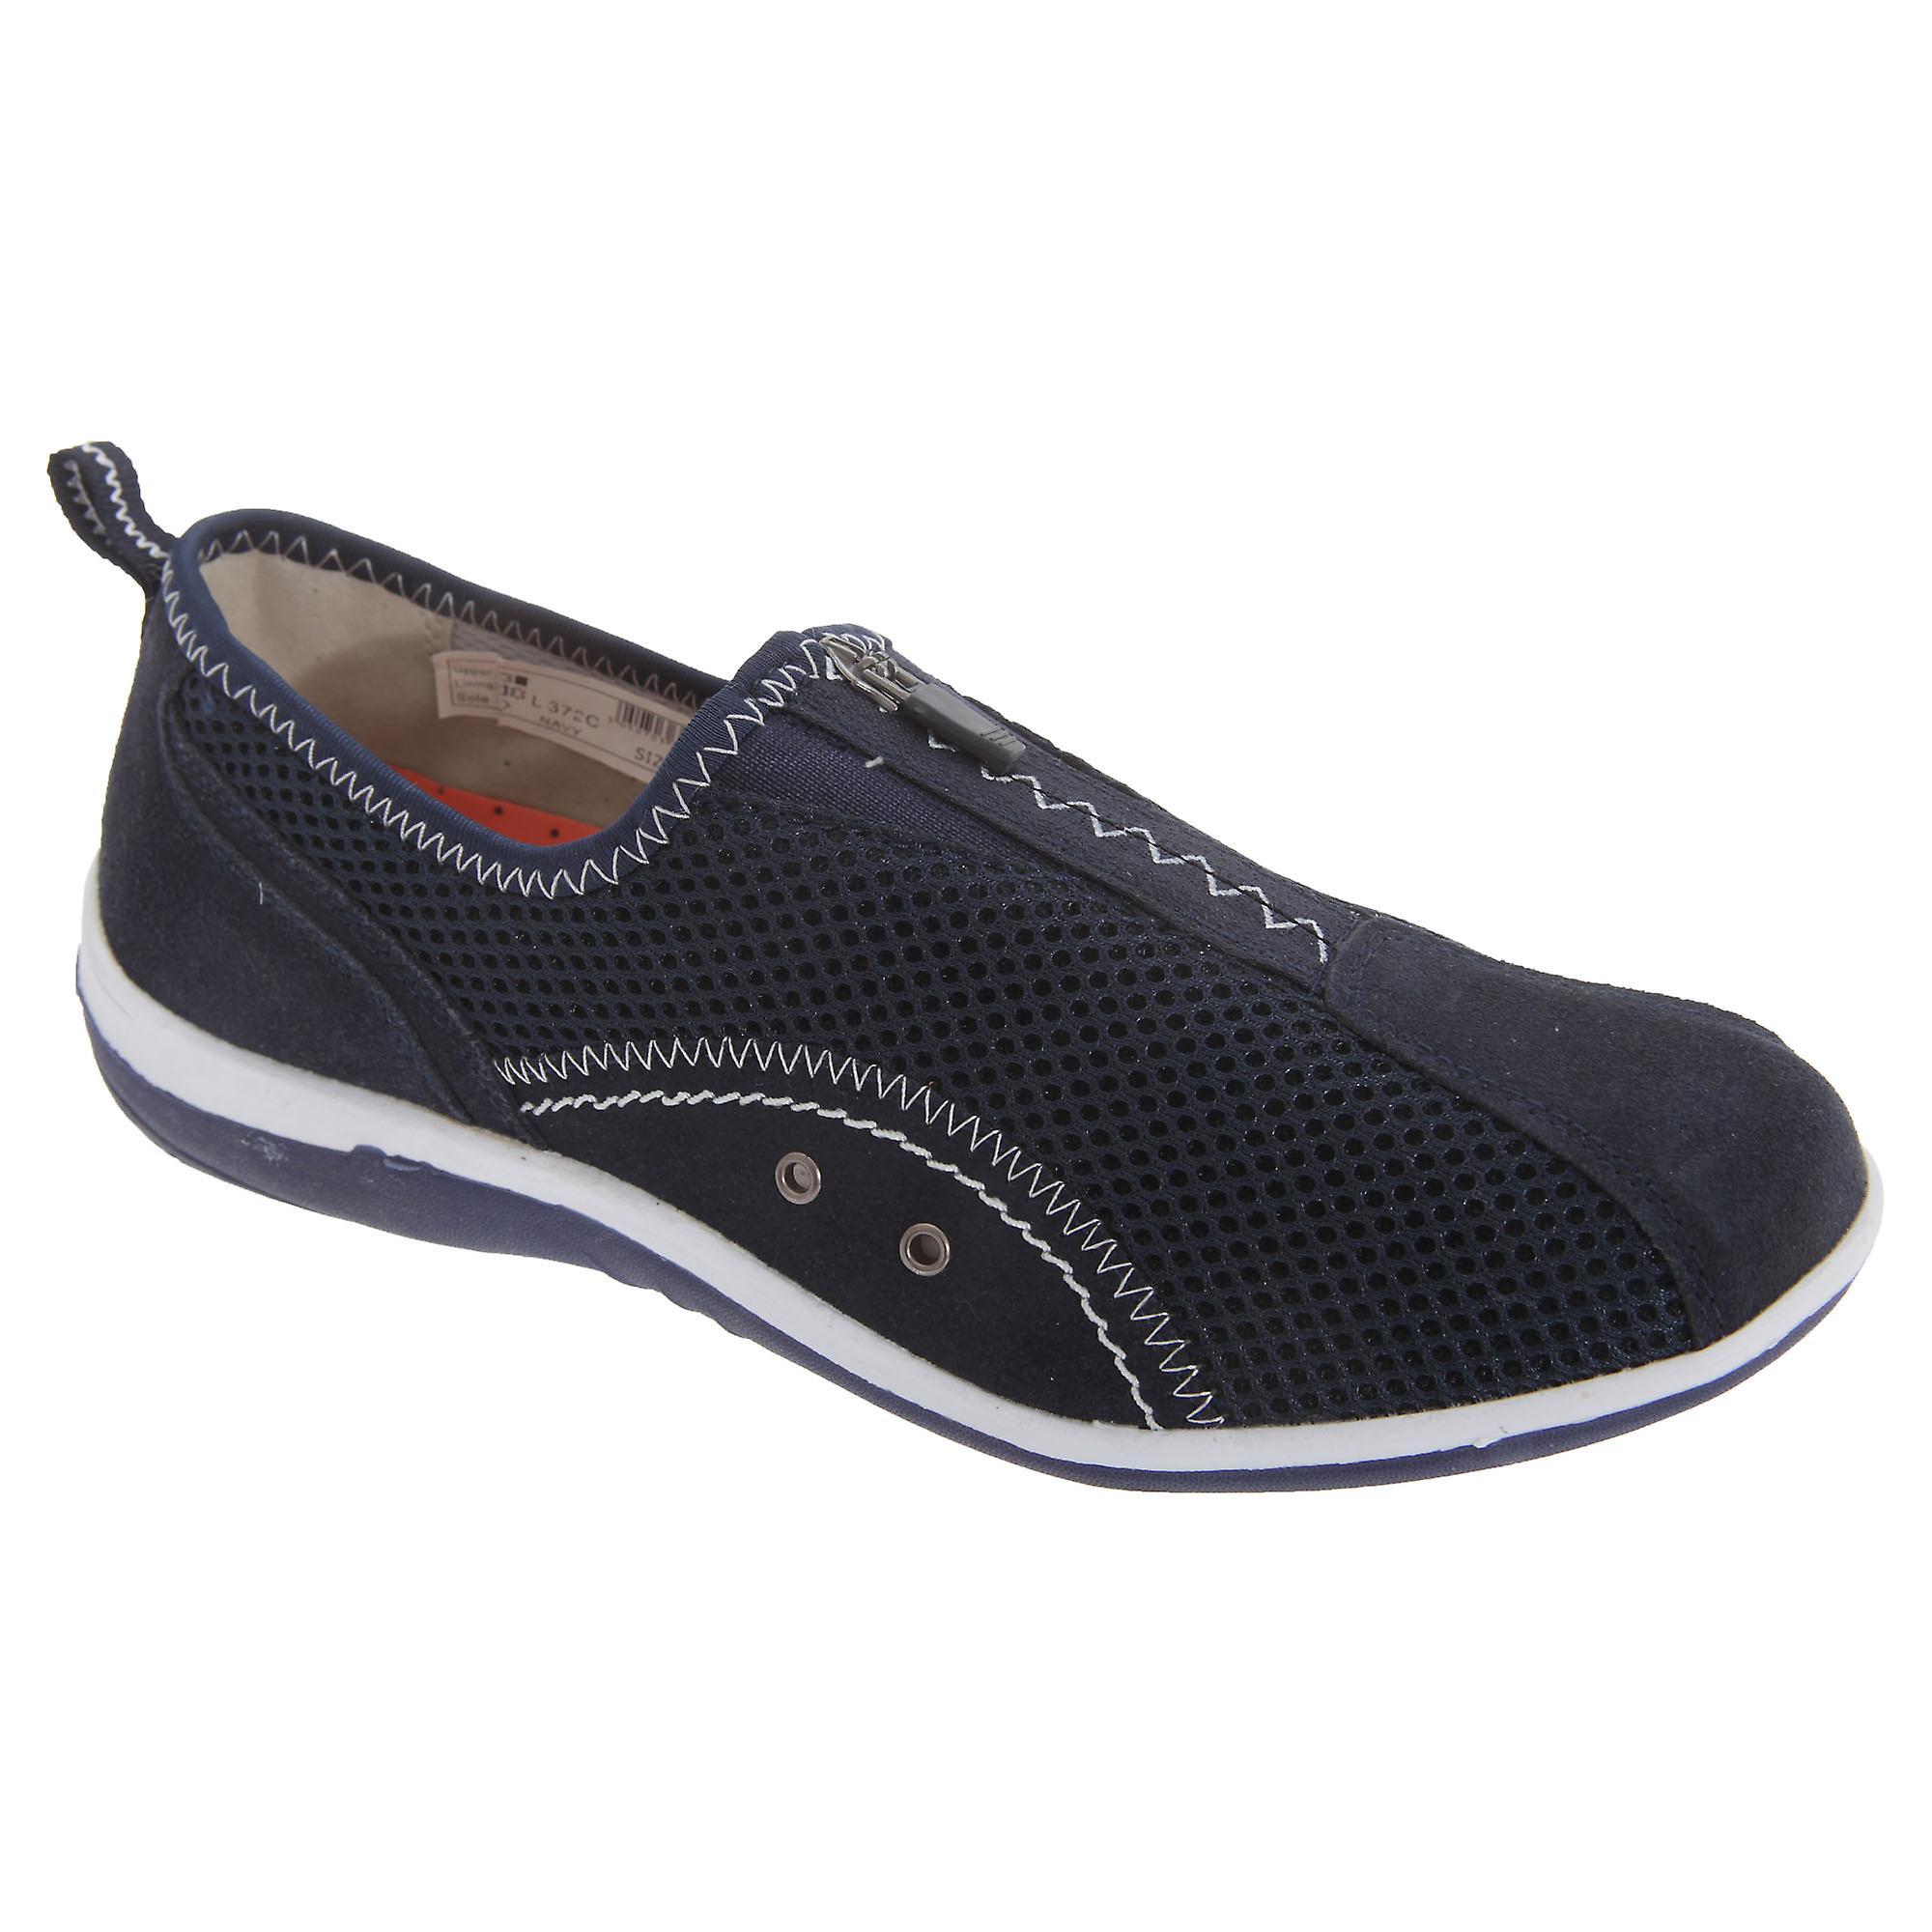 Boulevard Womens/ladies Zip Elastic Gusset Leisure Shoes